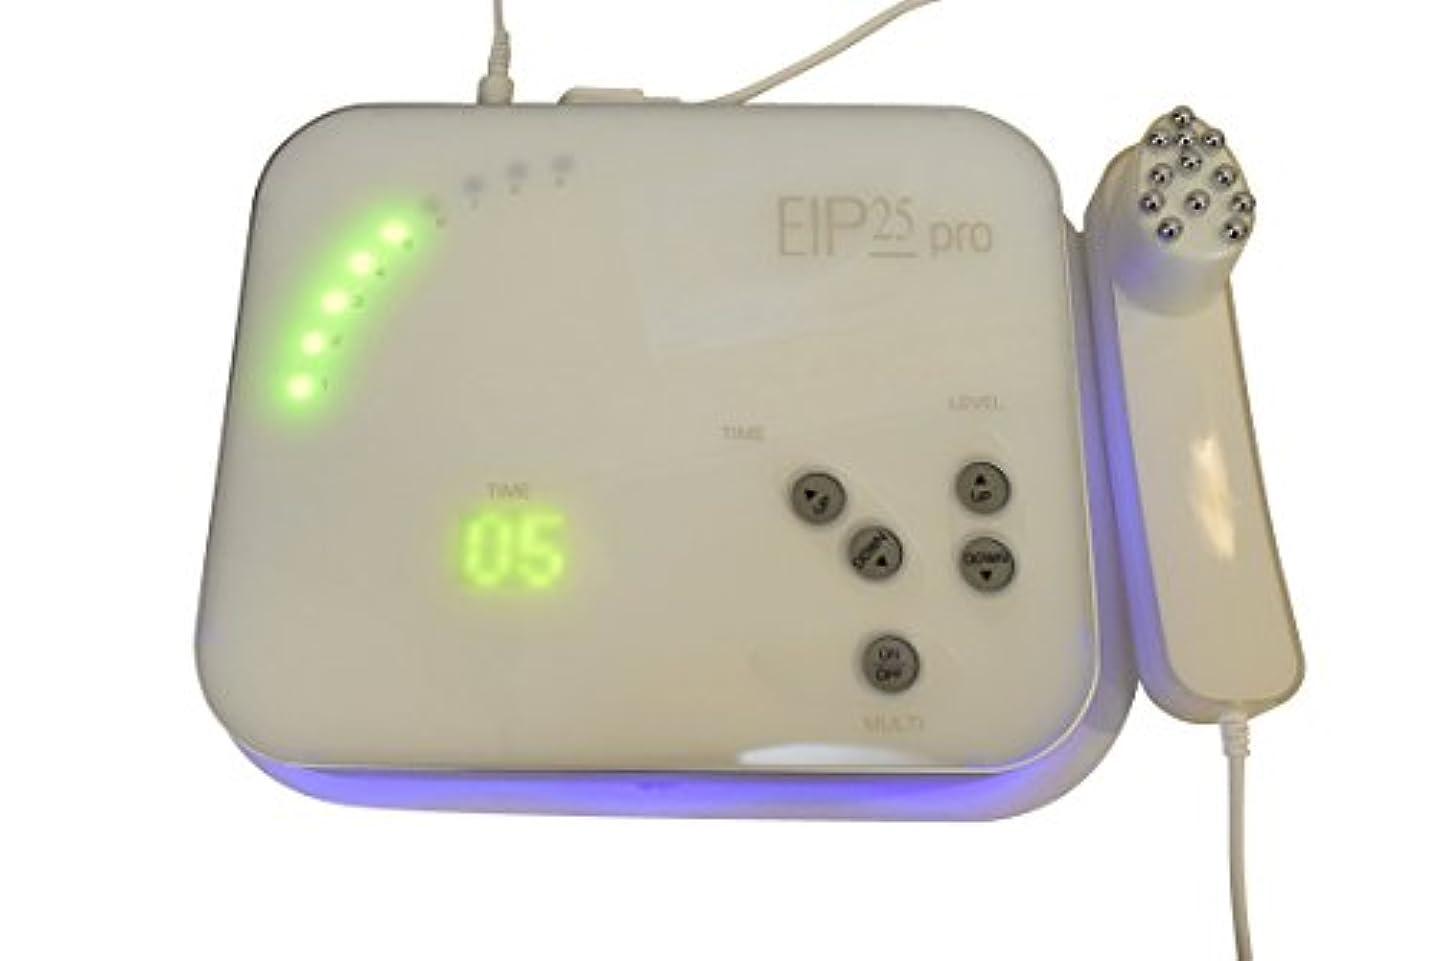 乱暴な郵便屋さん量で日本製 EIP25 PRO(Wポレーション照射構造)ポレーション 美容機器/無償納品研修付